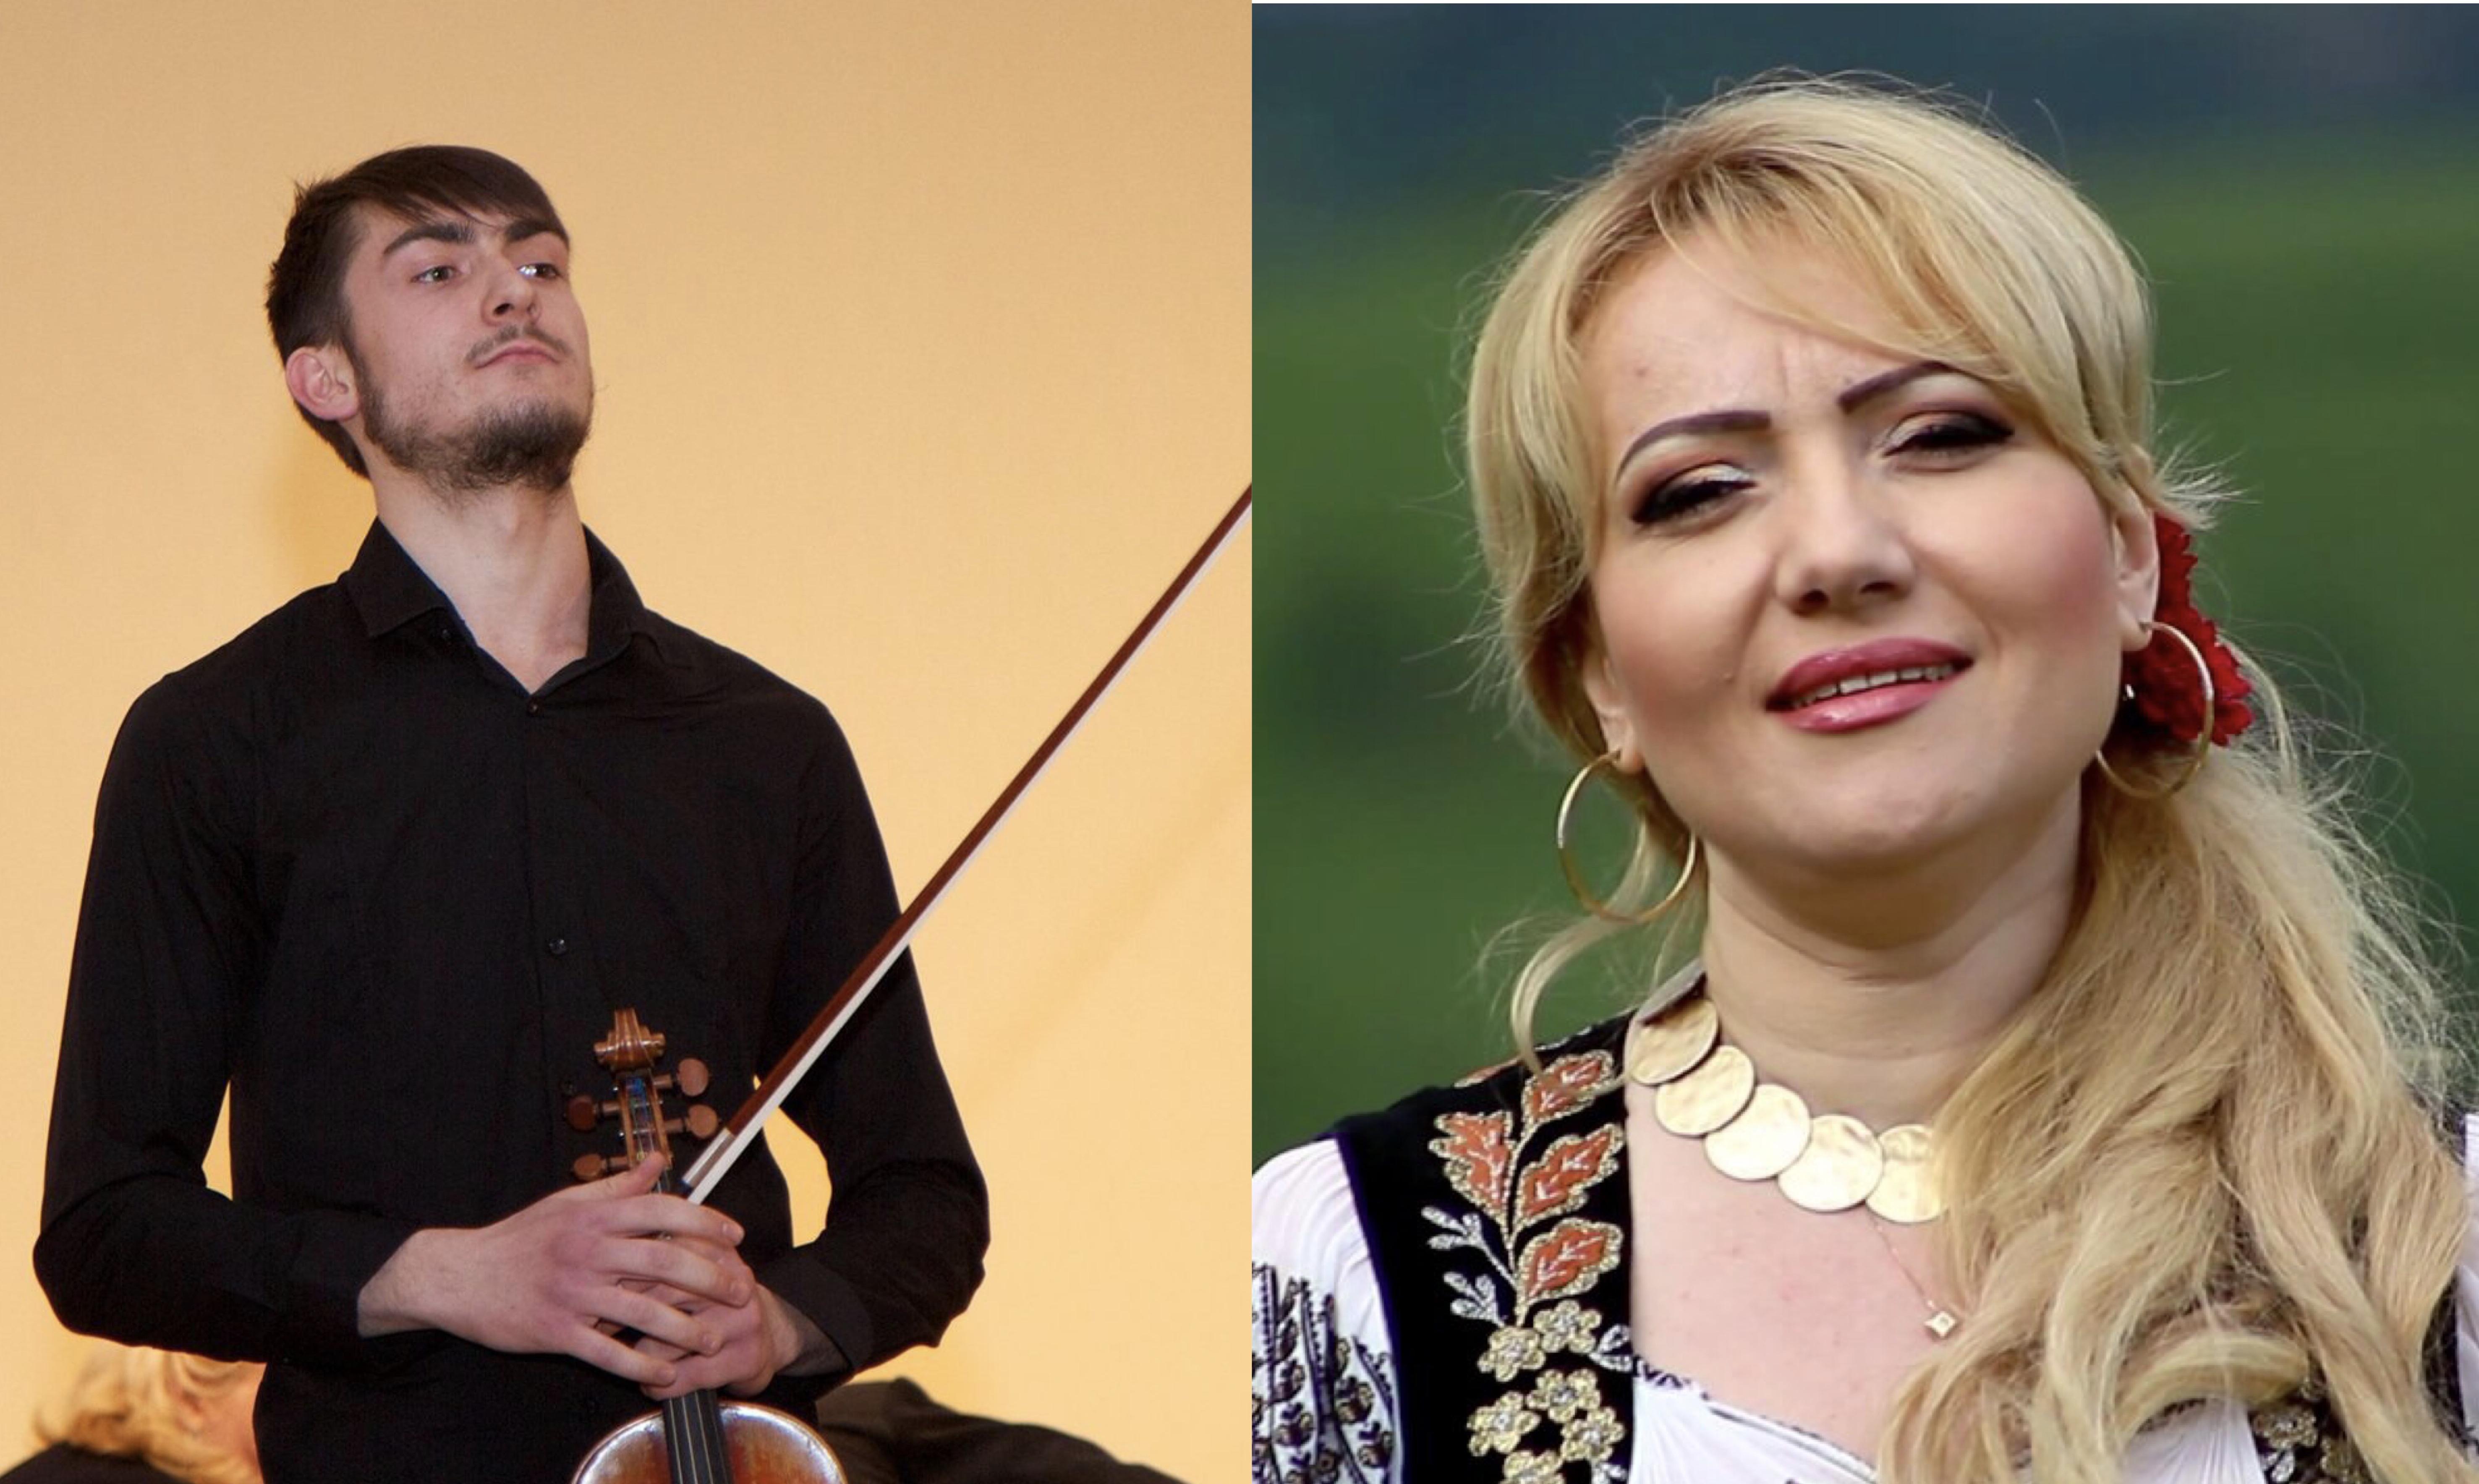 Fiul Adrianei Ochișanu și a lui Corneliu Botgros împlinește astăzi 19 ani. Mama i-a transmis un mesaj plin de dragoste